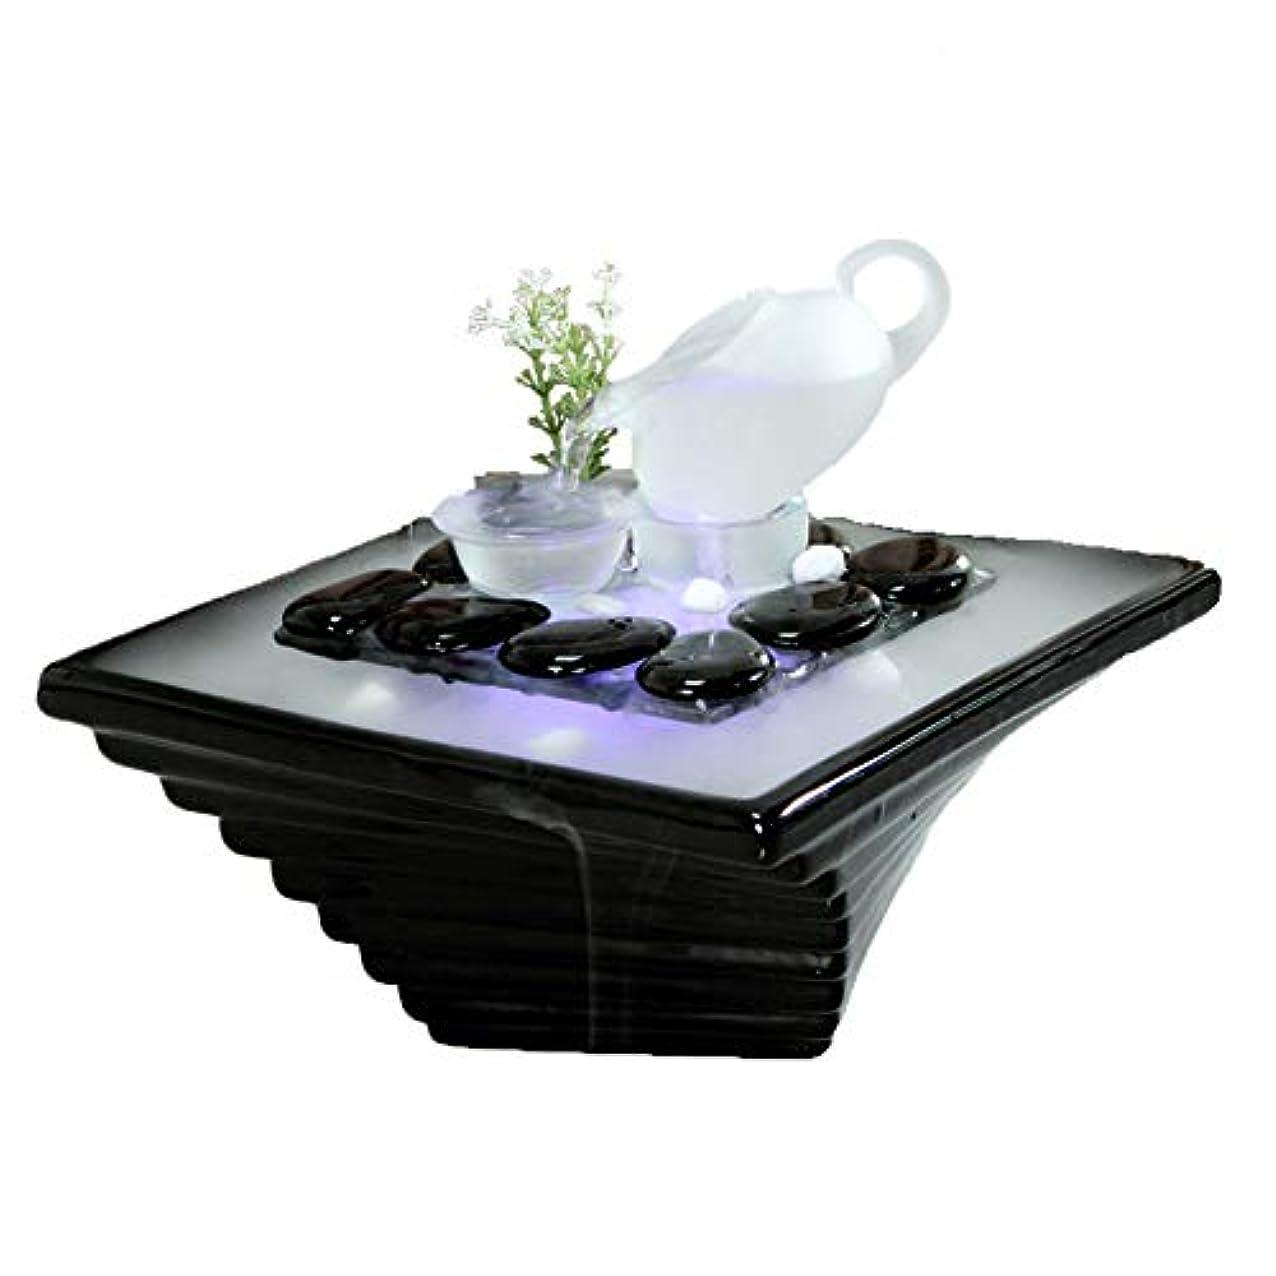 ベルト犬辛なエッセンシャルオイルディフューザー空気加湿器セラミッククラフトクリエイティブホームデスクトップ装飾アロマセラピー絶妙なギフト,Black